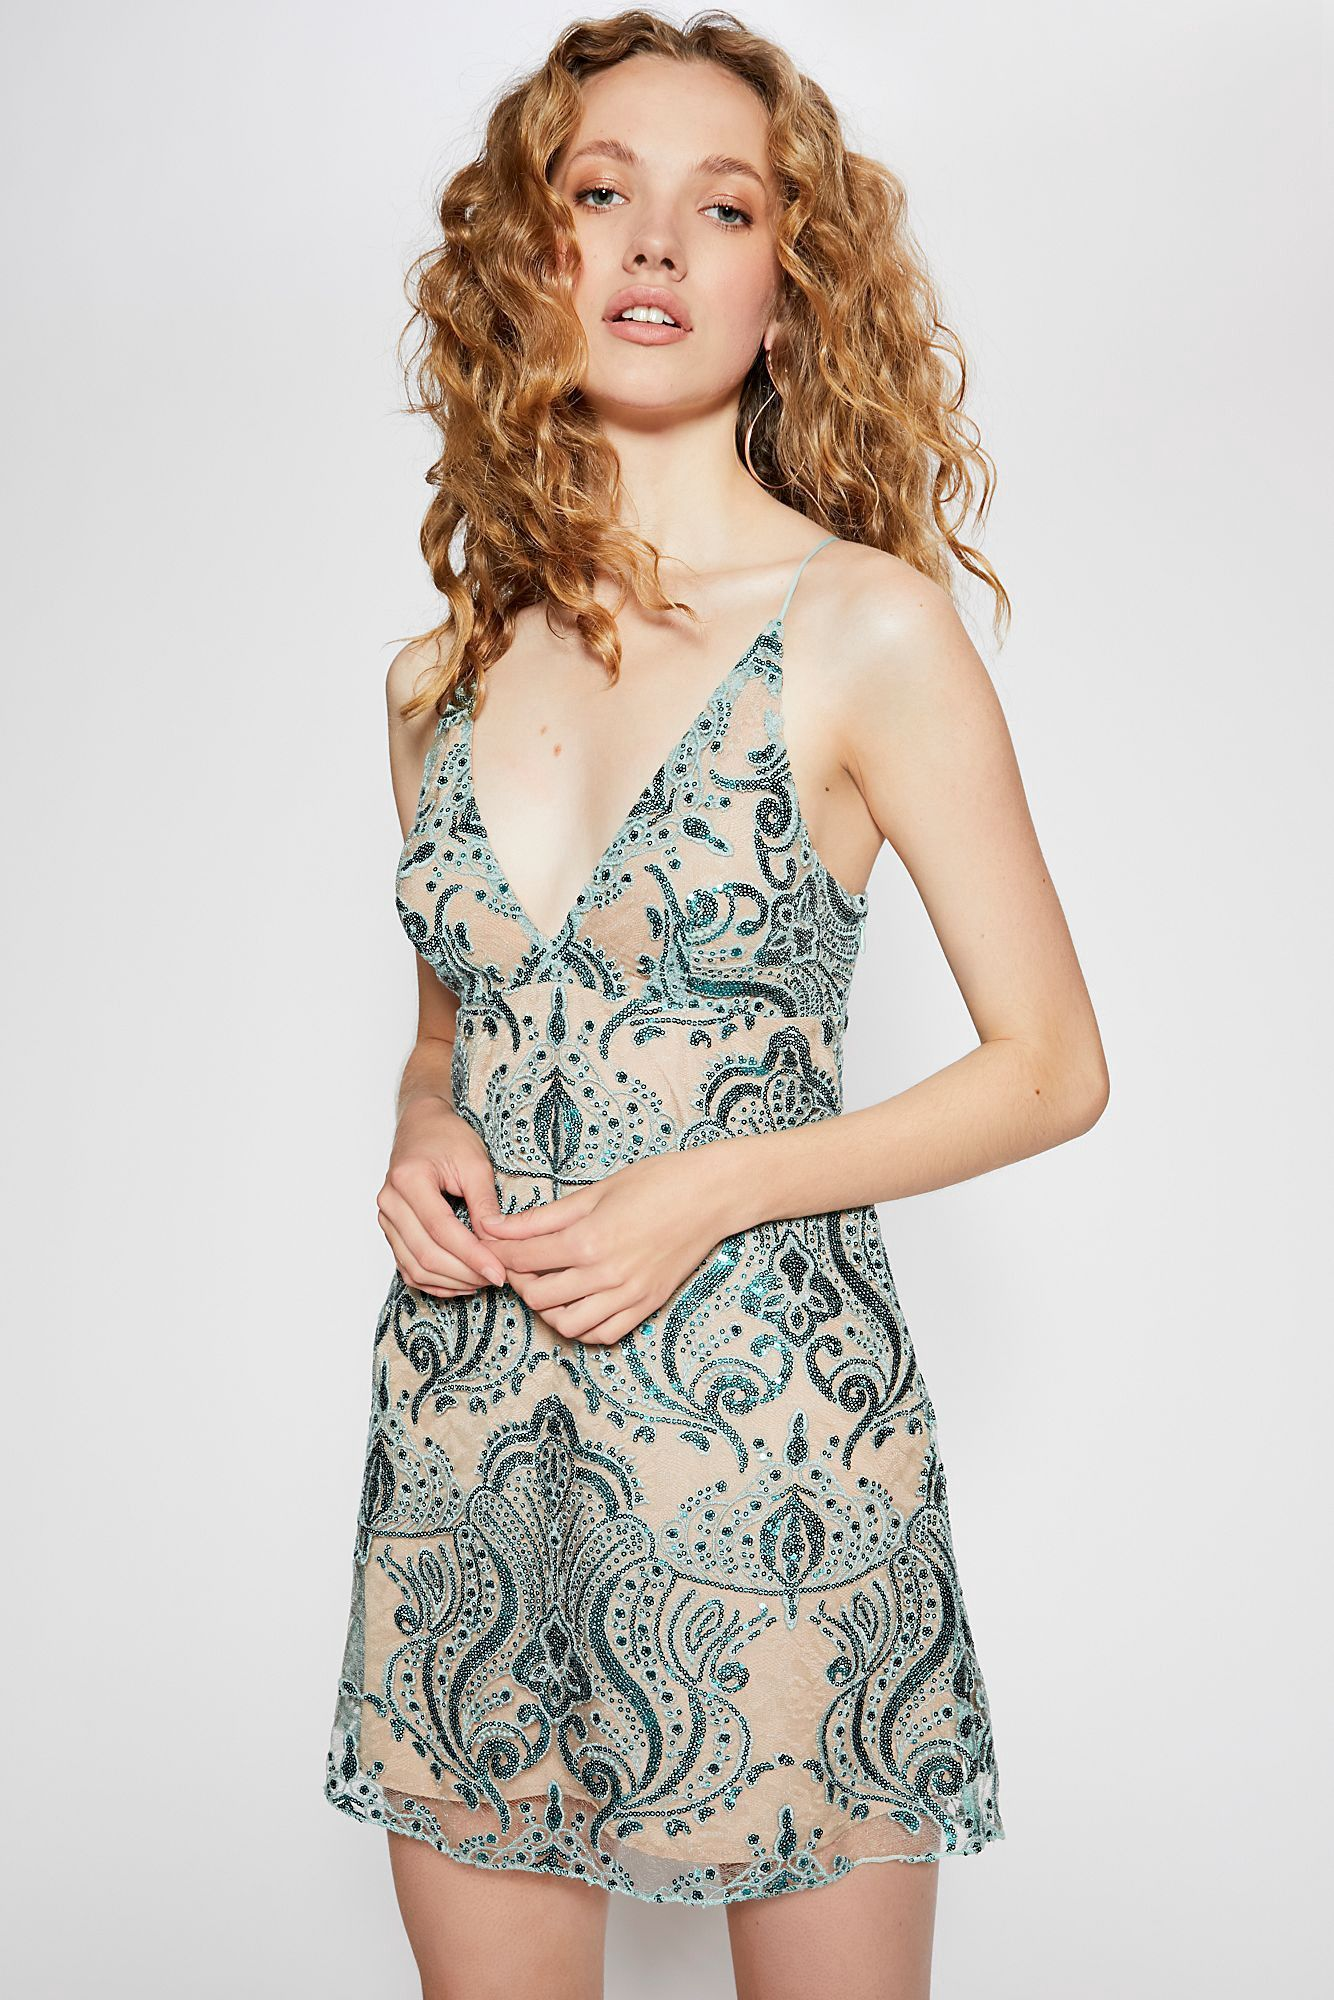 b0729ffb40 Free People Night Shimmers Mini Dress - Sundown Blue 12